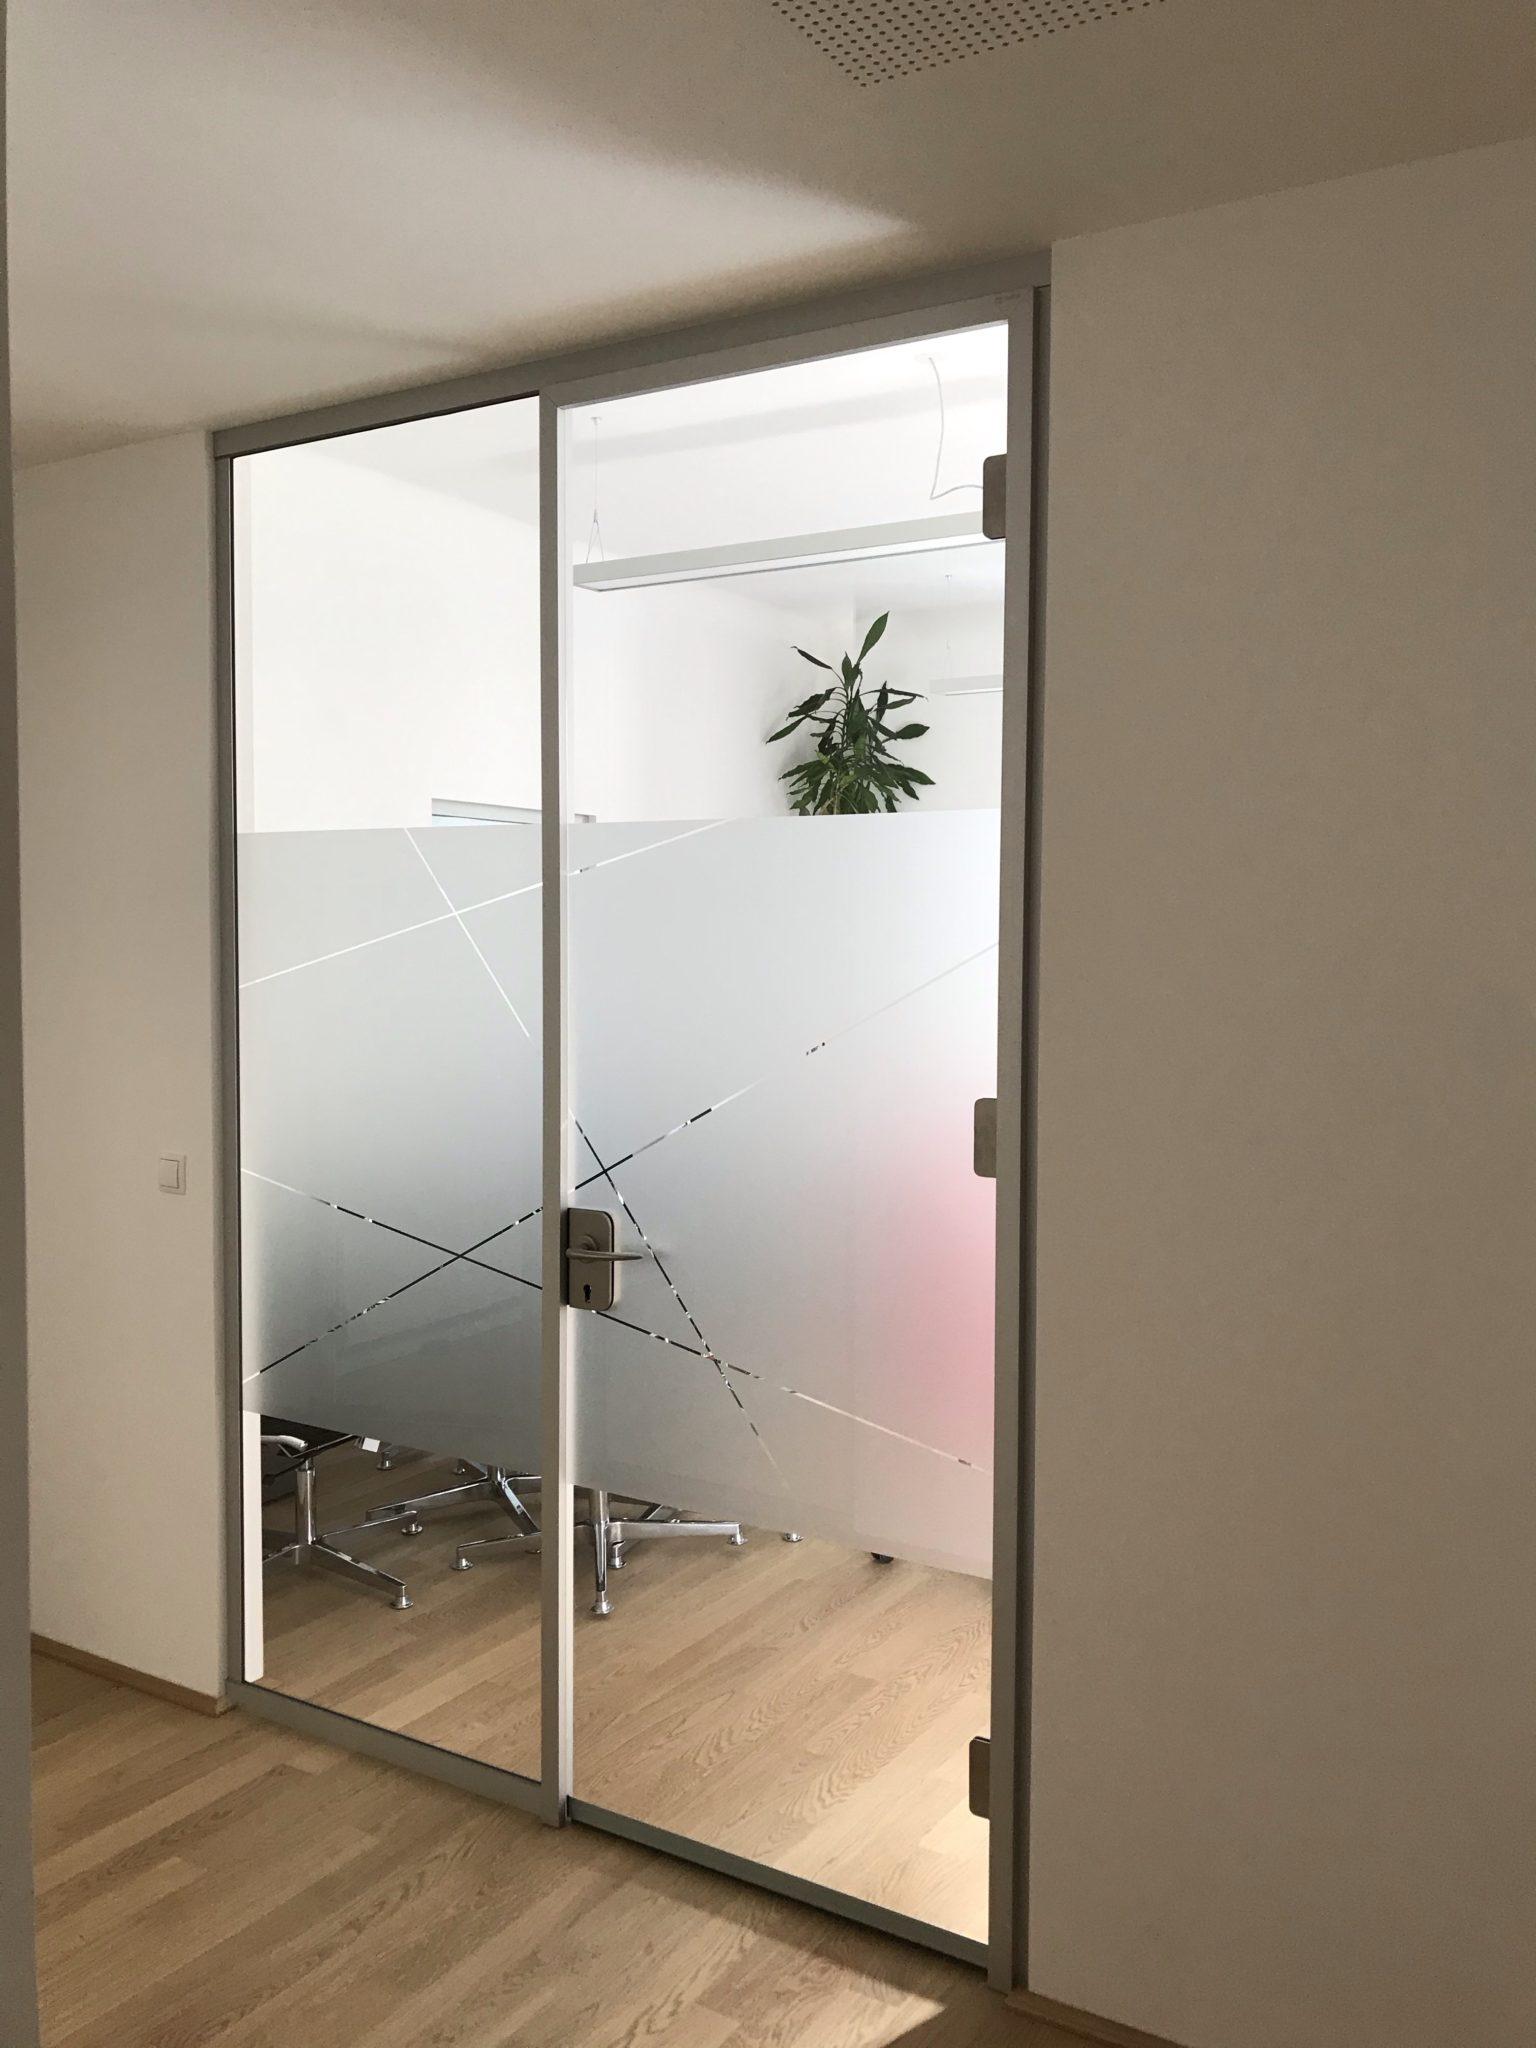 Milchglasfolie Sichtschutz Büro